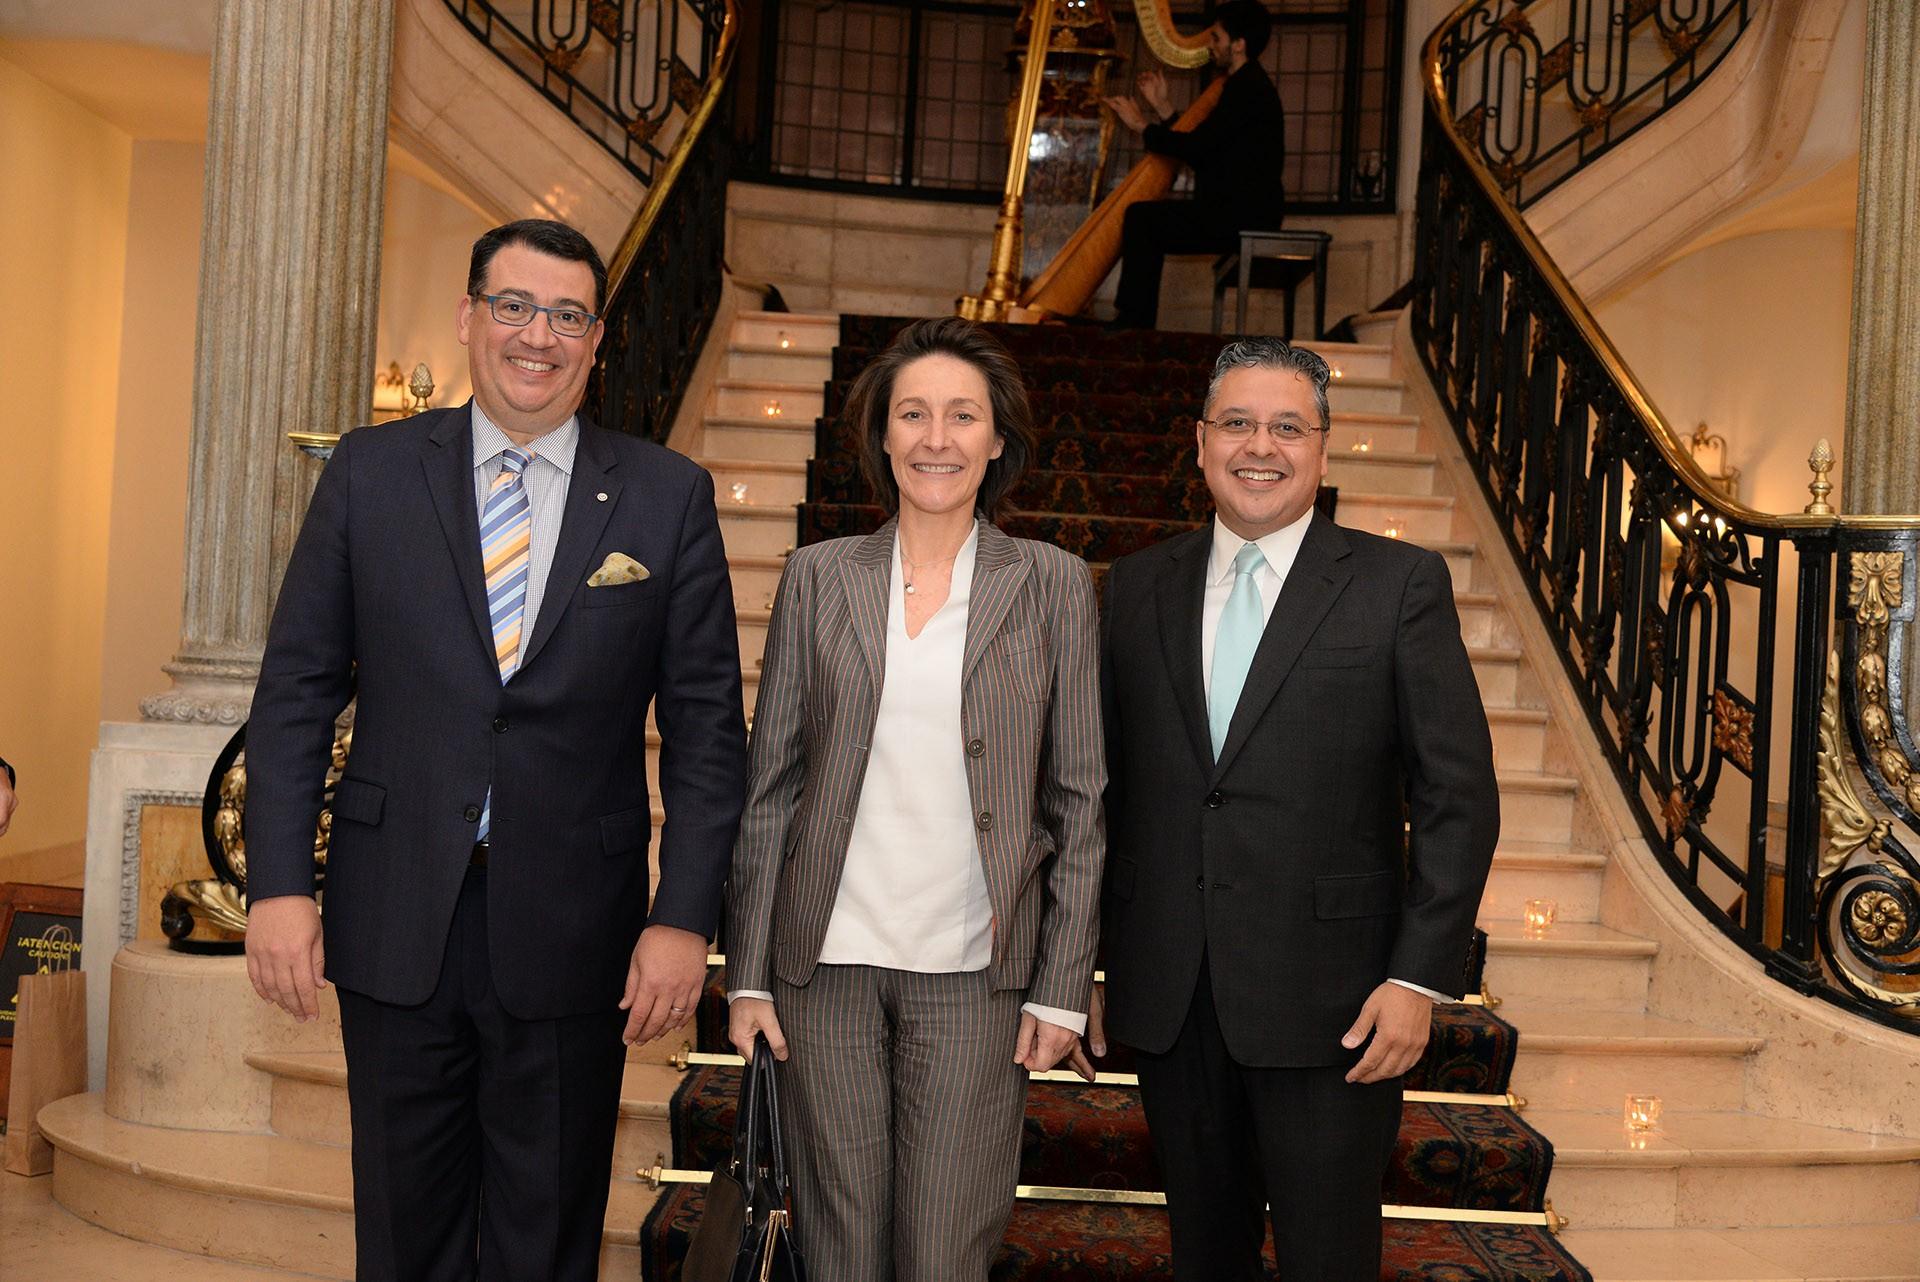 Tulio Hochkoeppler y Ariel Blufstein reciben a la embajadora de la Unión Europea, Aude Maio-Coliche